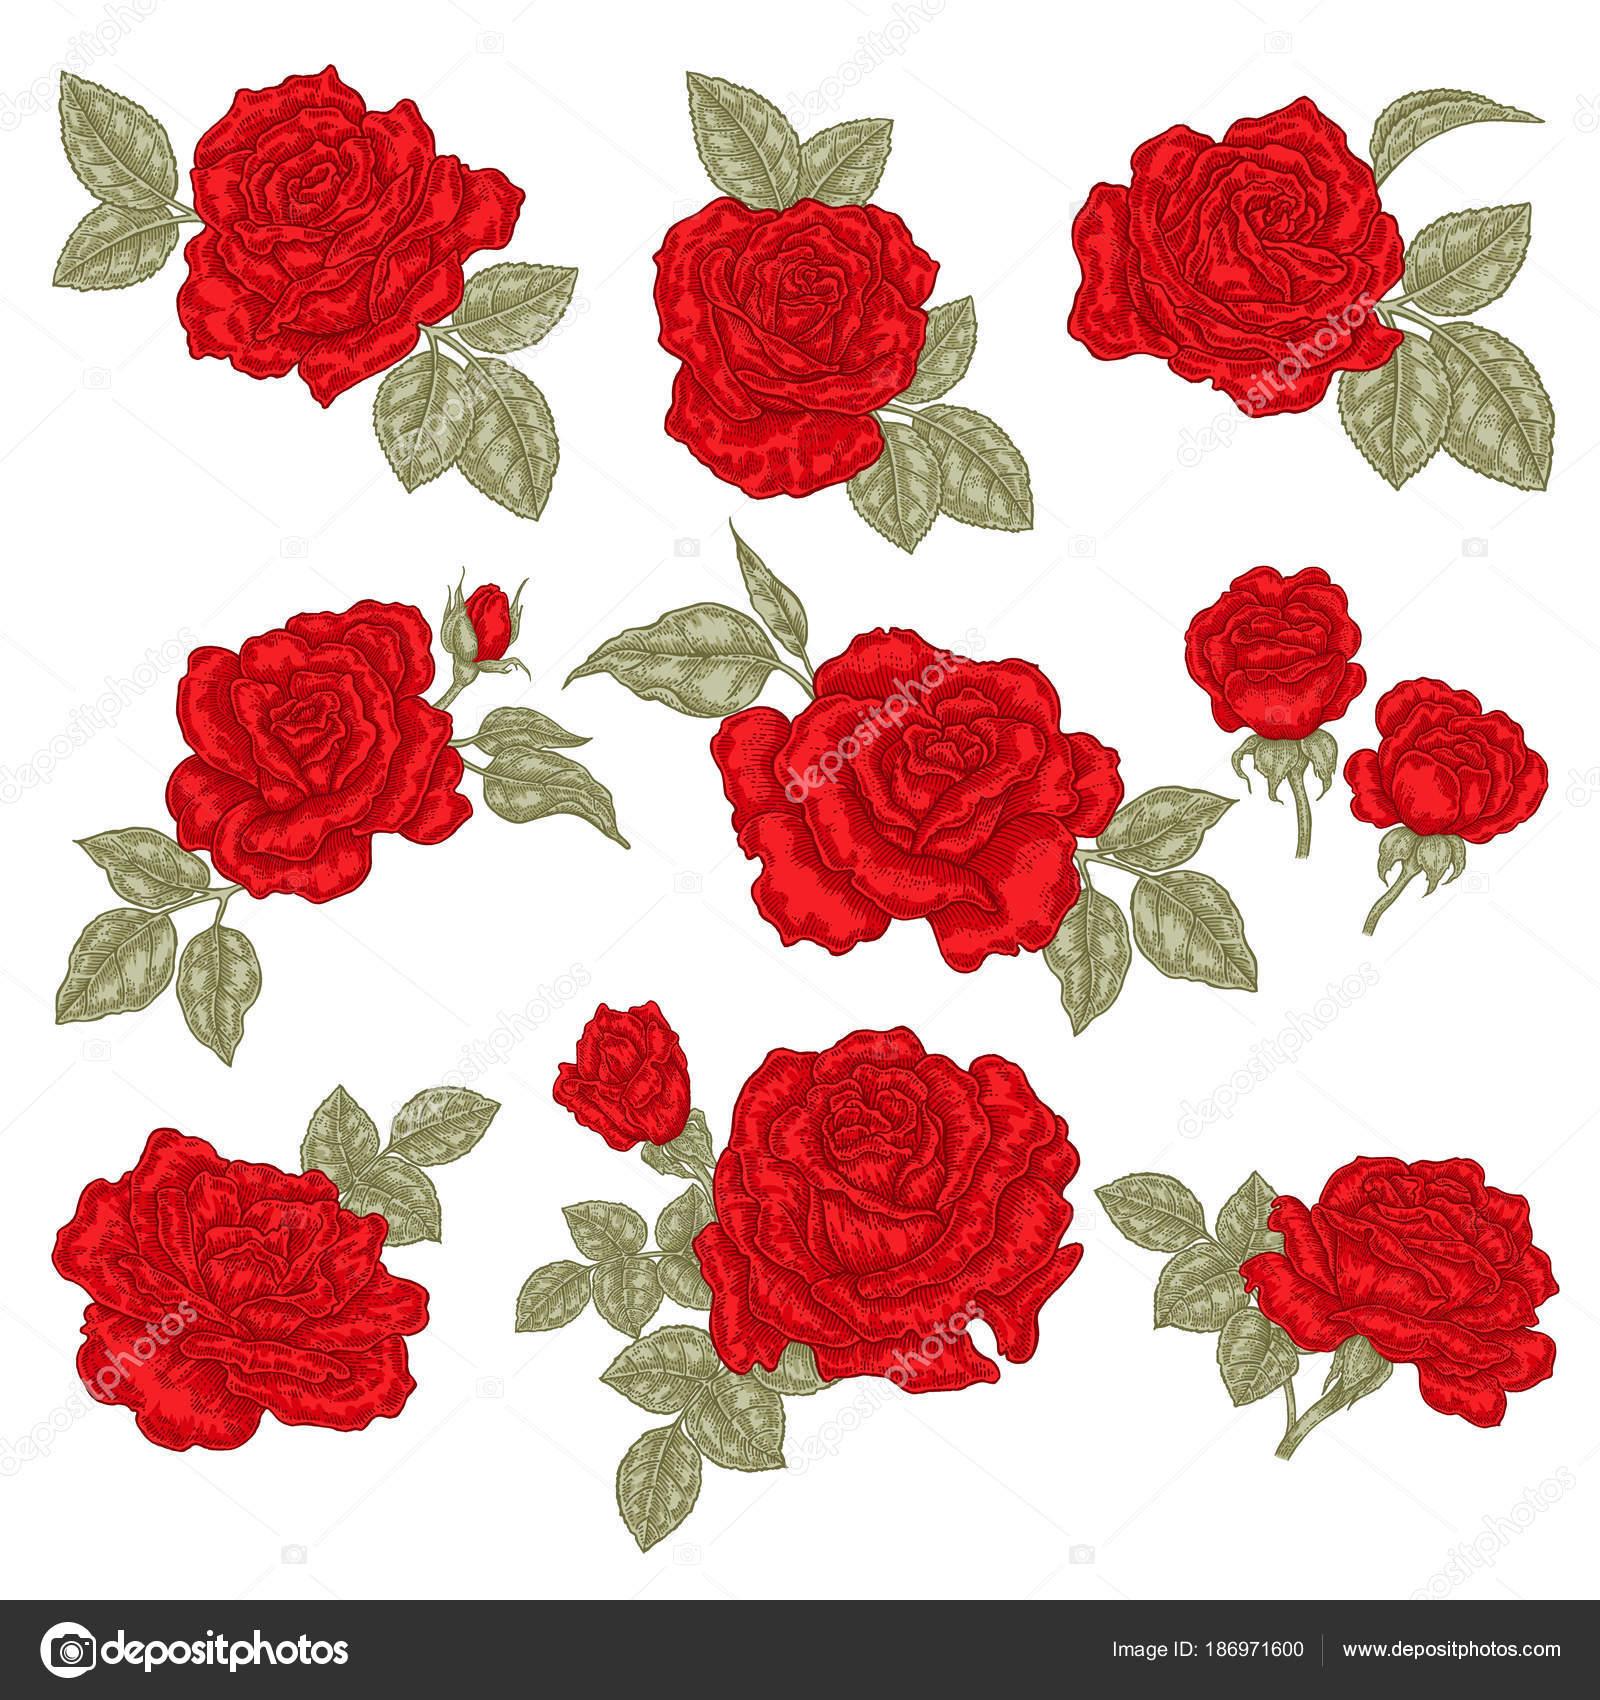 Dibujos Rosas Rojas Para Imprimir Rosas Rojas Aisladas Sobre